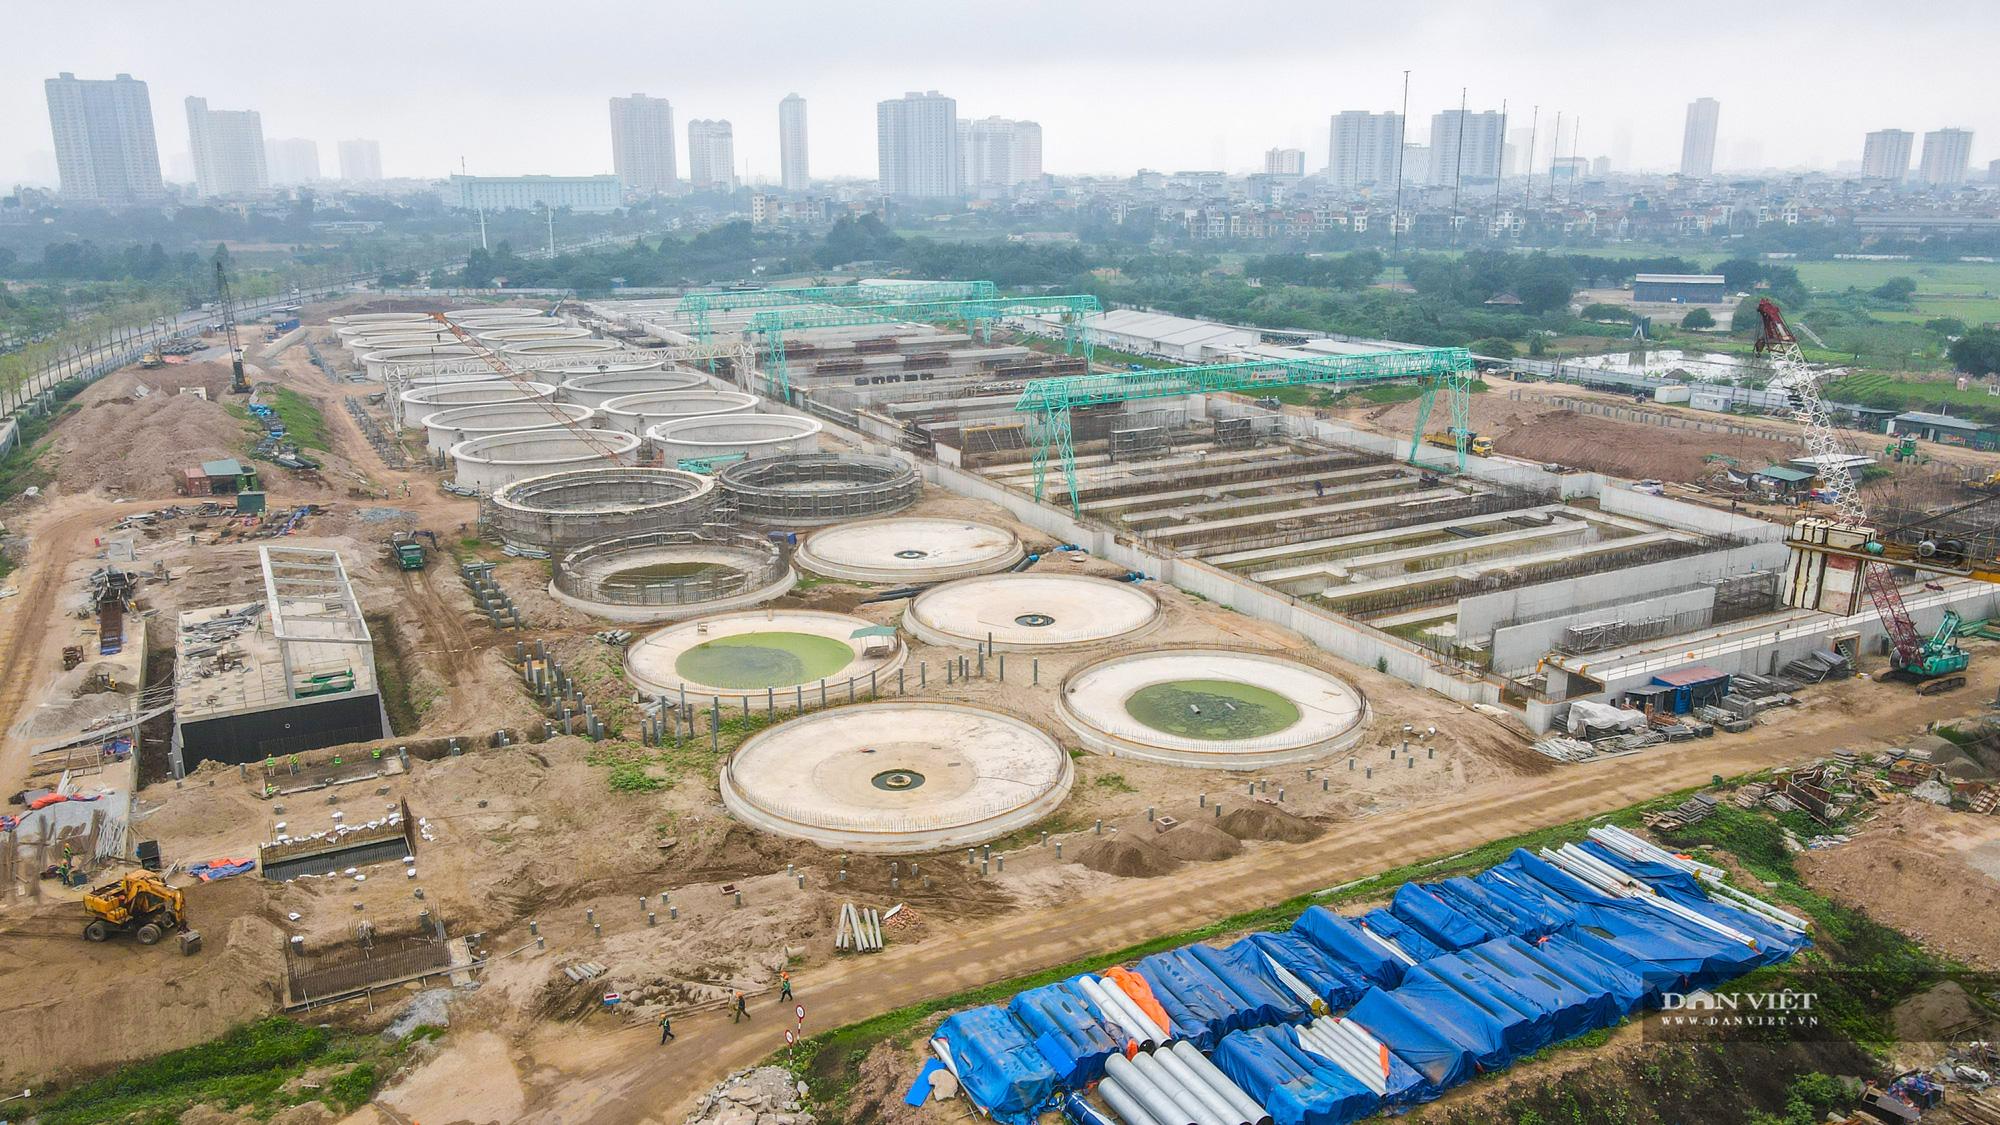 Toàn cảnh nhà máy xứ lý nước thải 16 000 tỷ lớn nhất miền Bắc - Ảnh 1.